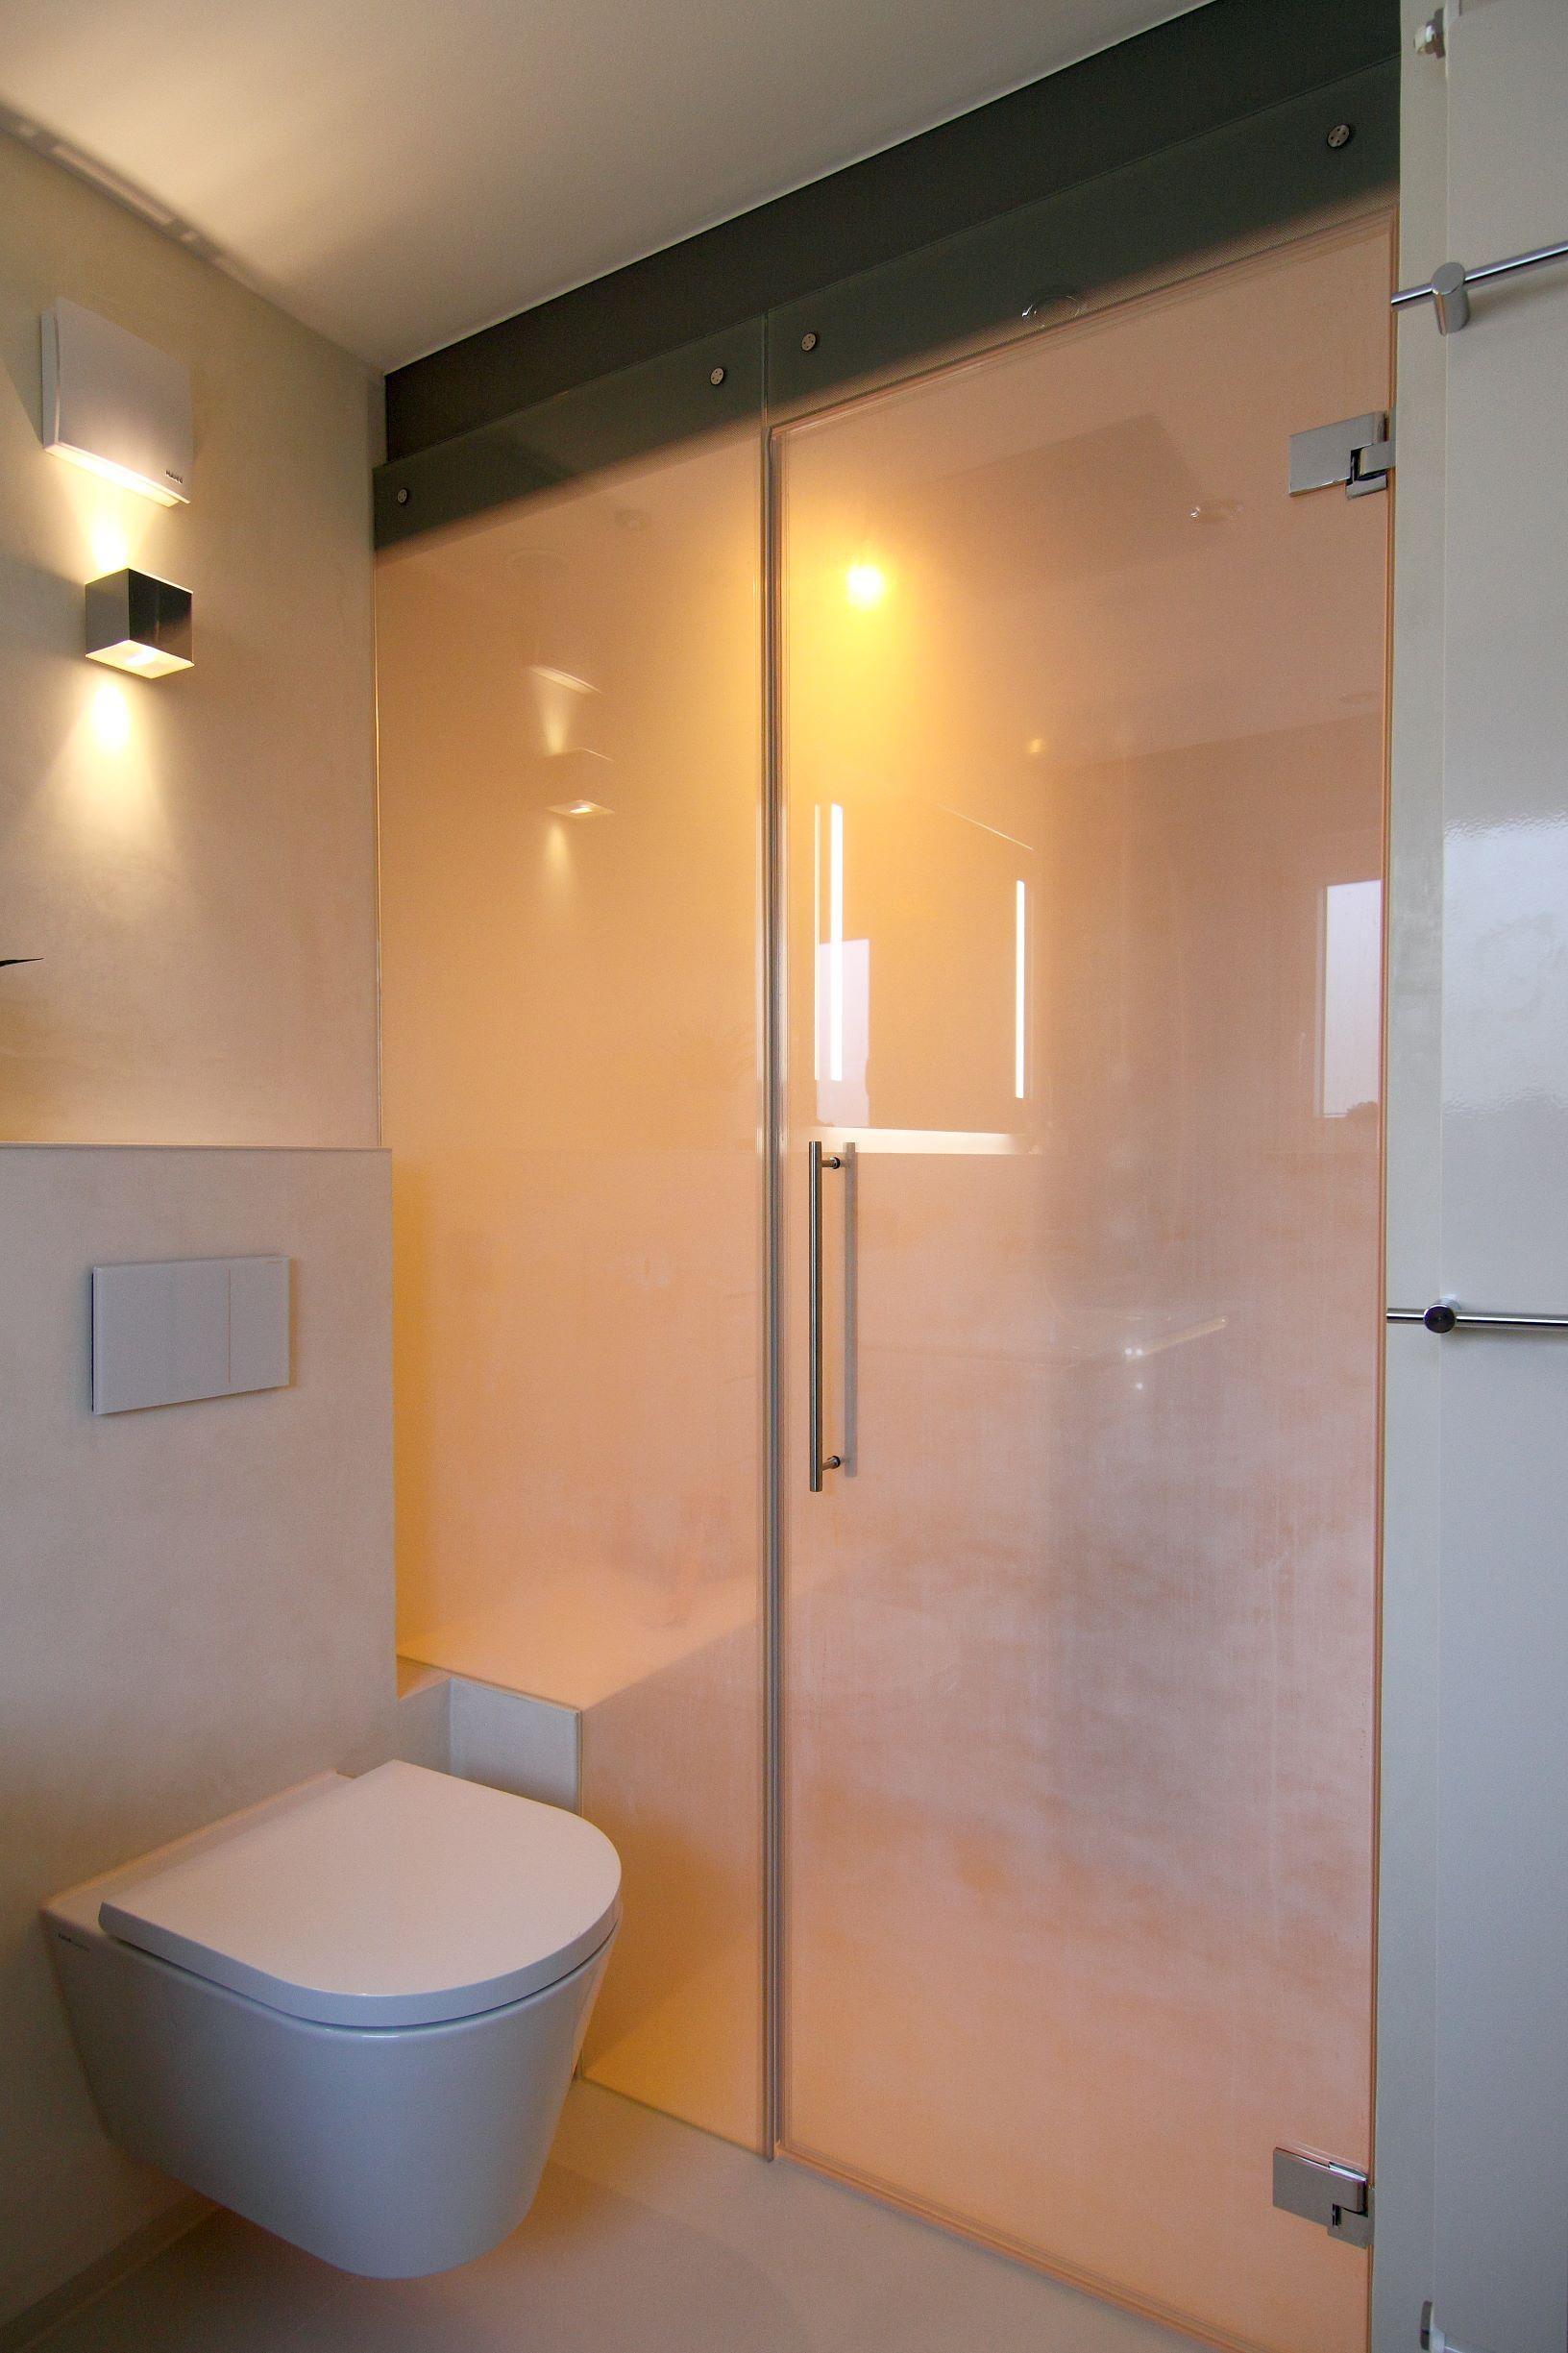 Anzeige- #bestebadstudios #badezimmer #bad #dusche ...